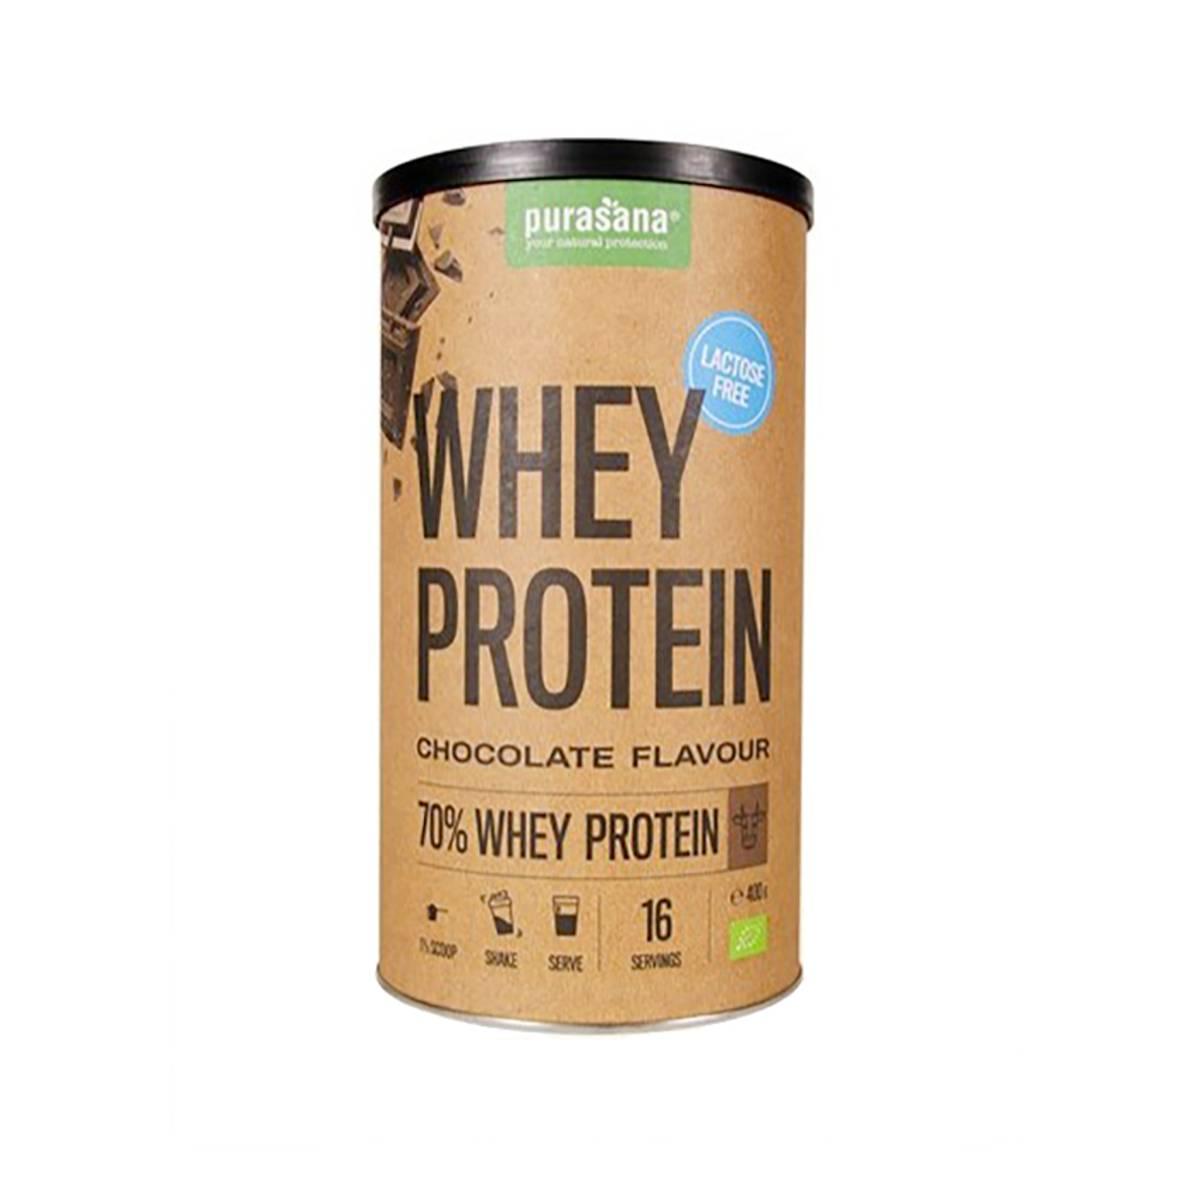 Whey Protein sjokolade laktosefri